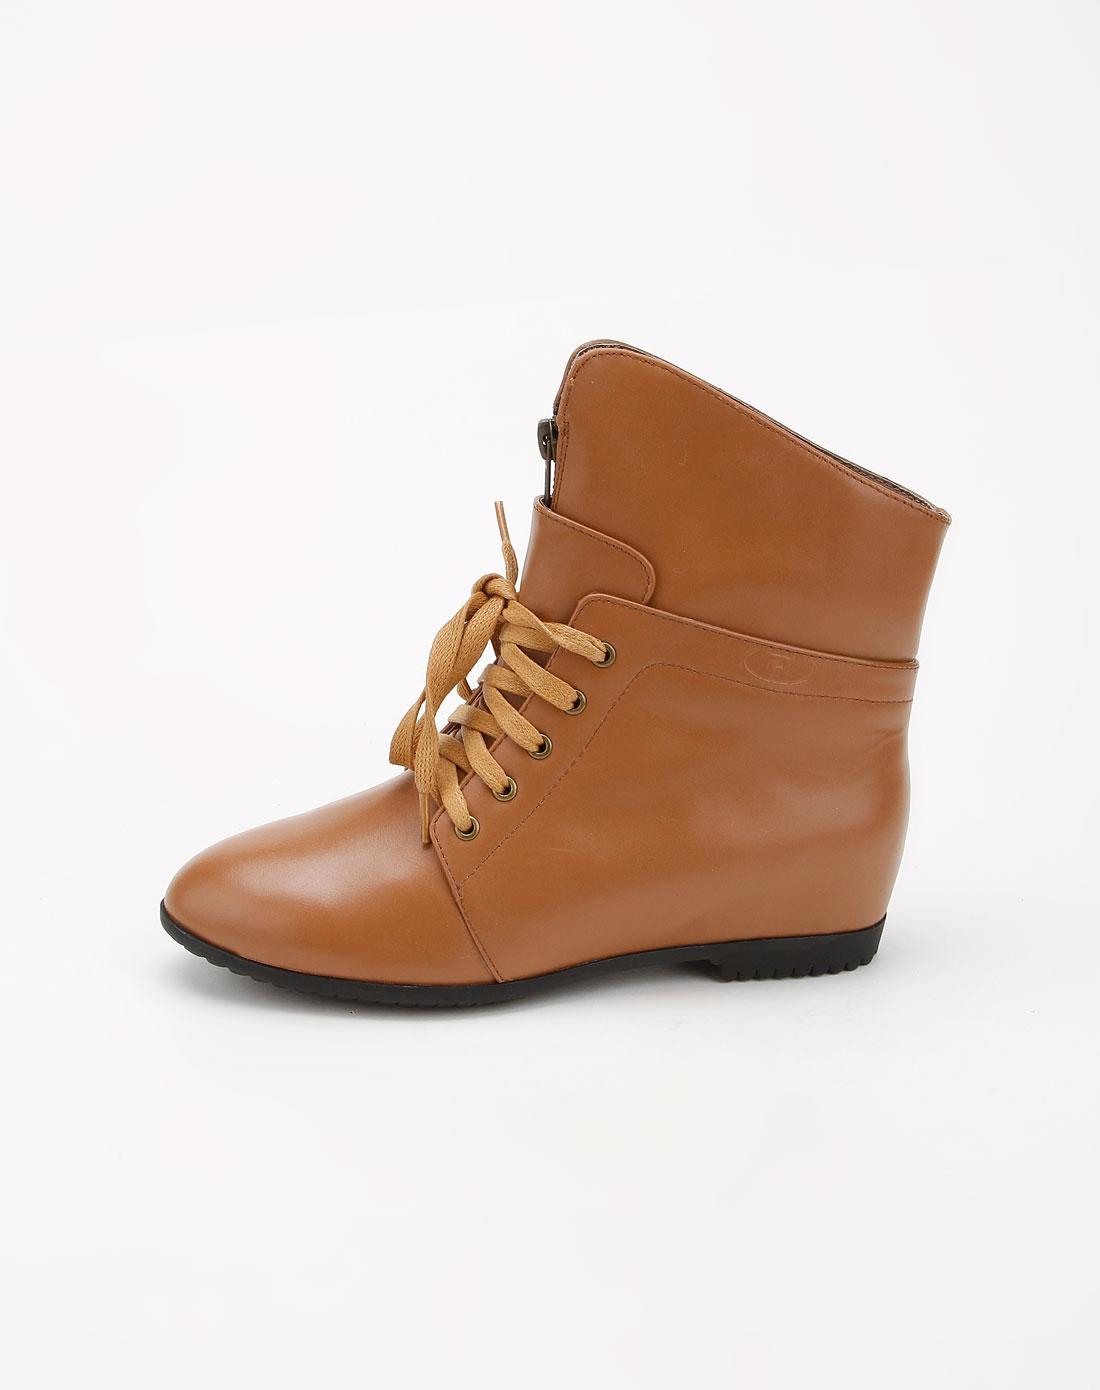 propét波派浅棕色系带短靴pw03901-17